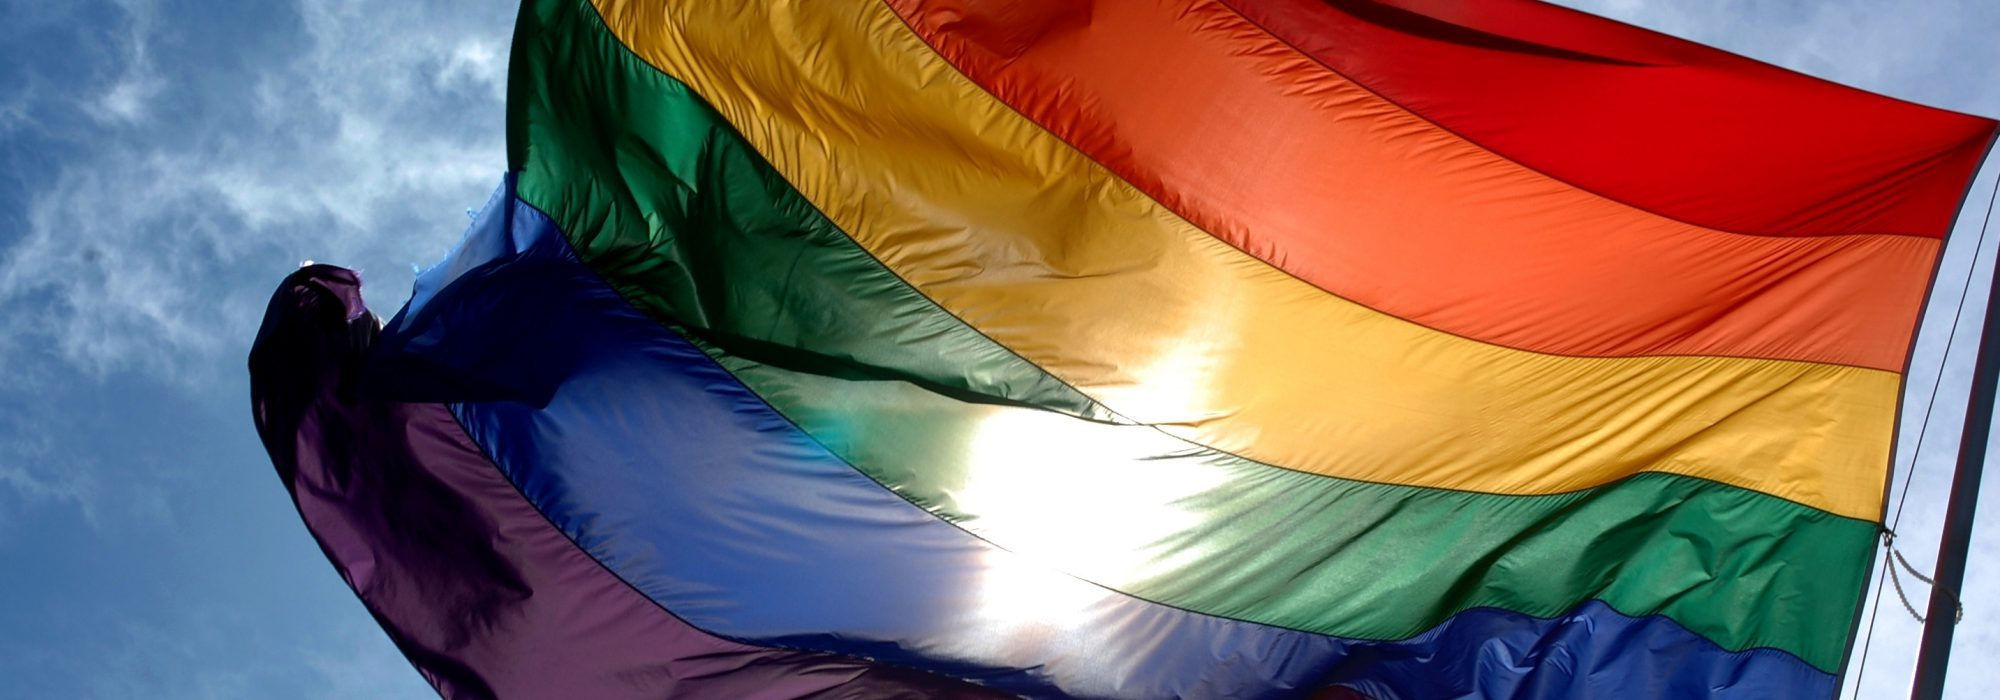 Series españolas que dieron visibilidad al colectivo homosexual